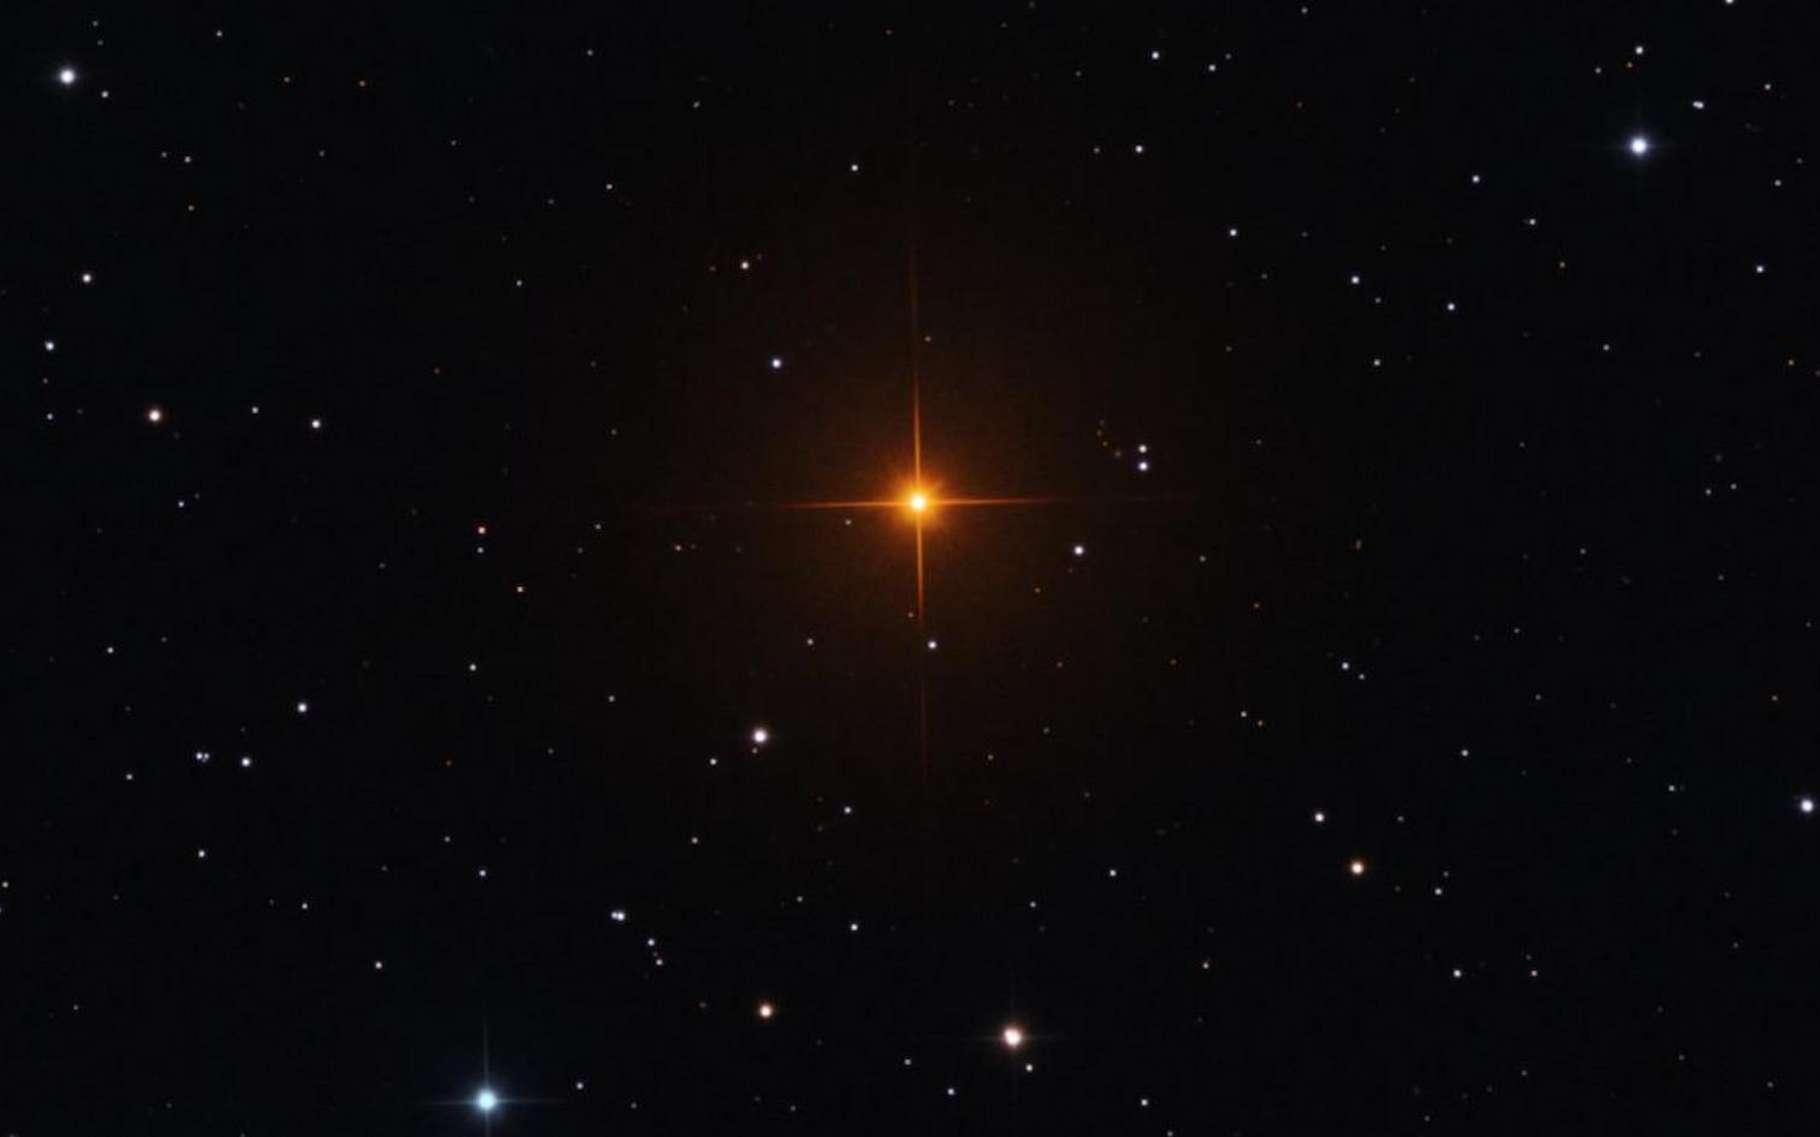 R Leporis, cette étoile rouge orangé brillante capturée ici est un exemple du type d'étoiles situées dans la branche asymptotique des géantes qui intéressent les astronomes de l'université de Chicago (États-Unis). La couleur frappante vient de la grande quantité de carbone dans son atmosphère. © Université de Chicago